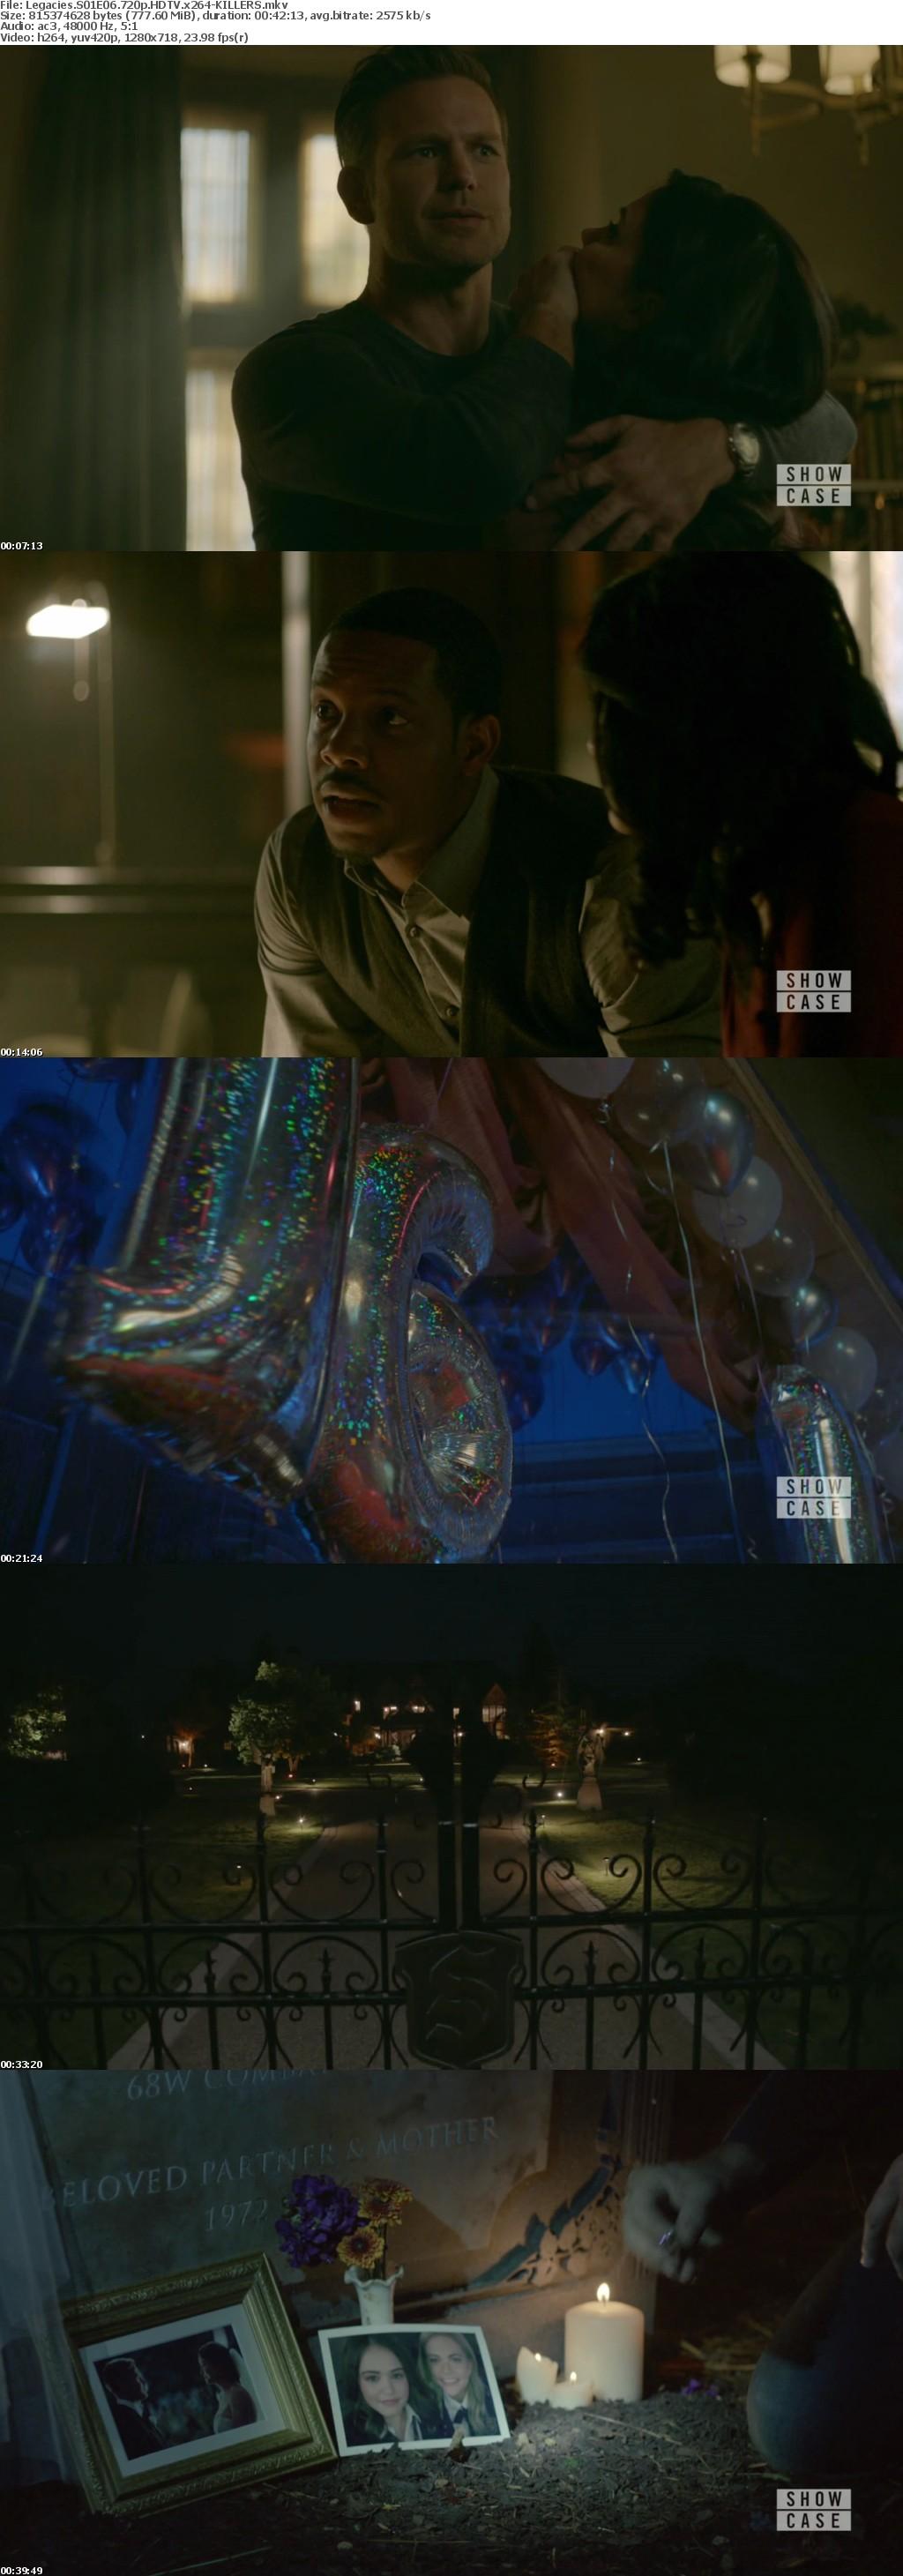 Legacies S01E06 720p HDTV x264-KILLERS